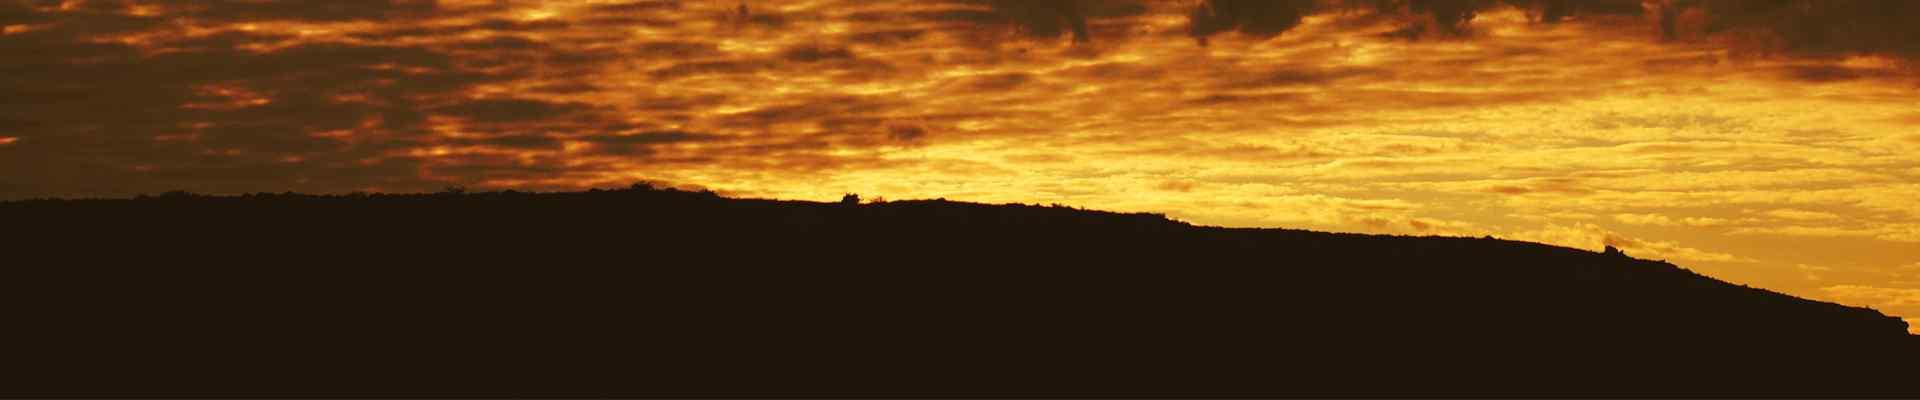 sunset in hurst texas